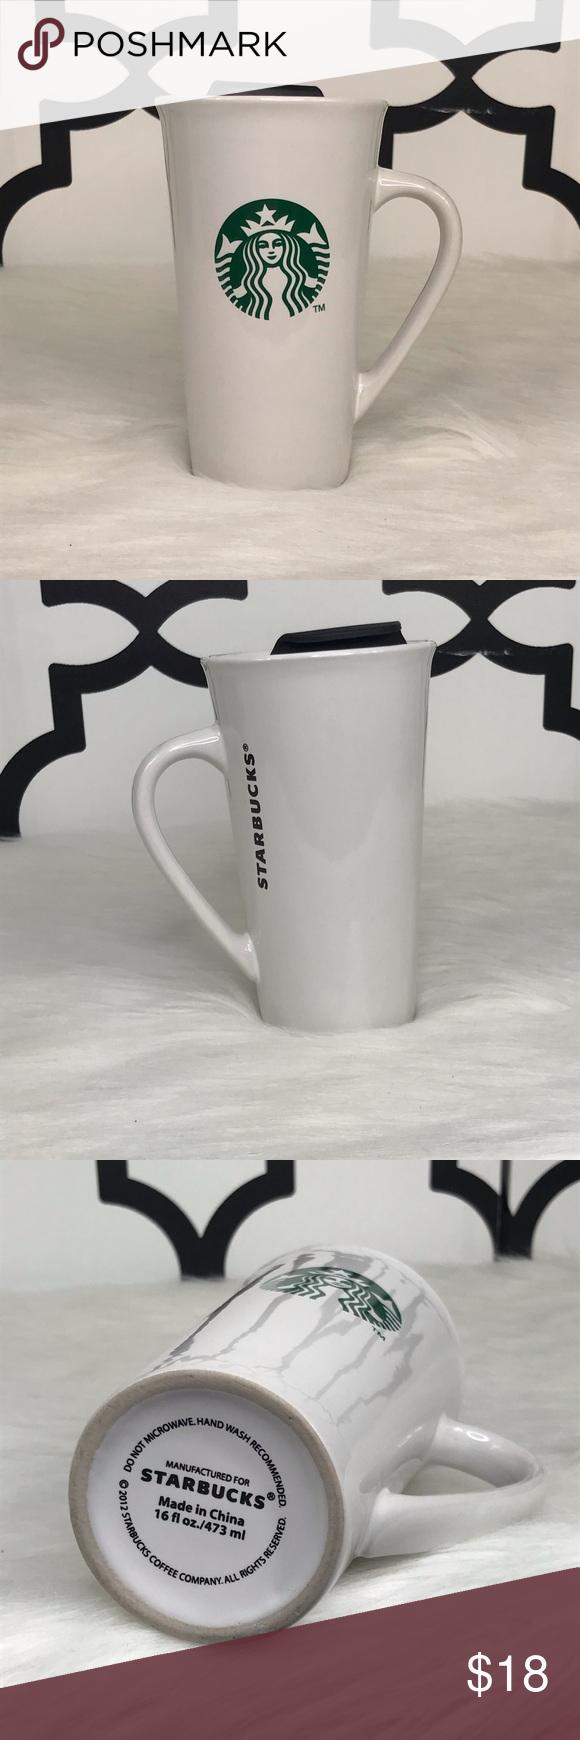 Starbucks Mug in 2020 Starbucks mugs, Mugs, Coffee and